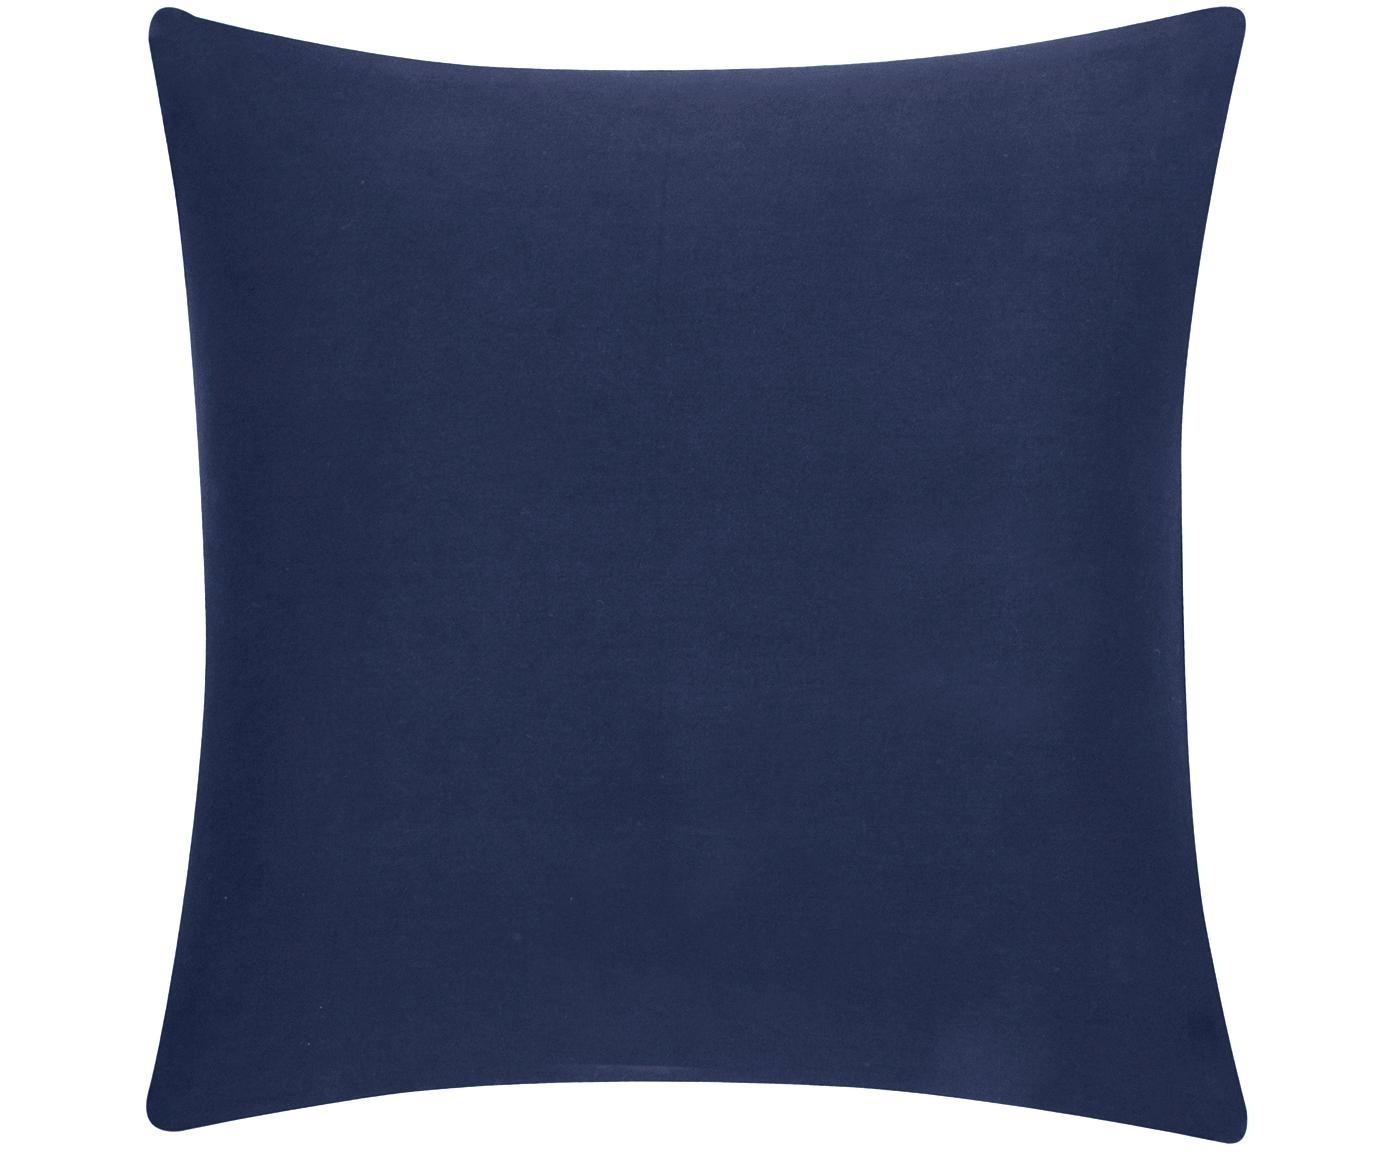 Federa arredo in cotone blu scuro Mads, Cotone, Blu navy, Larg. 40 x Lung. 40 cm